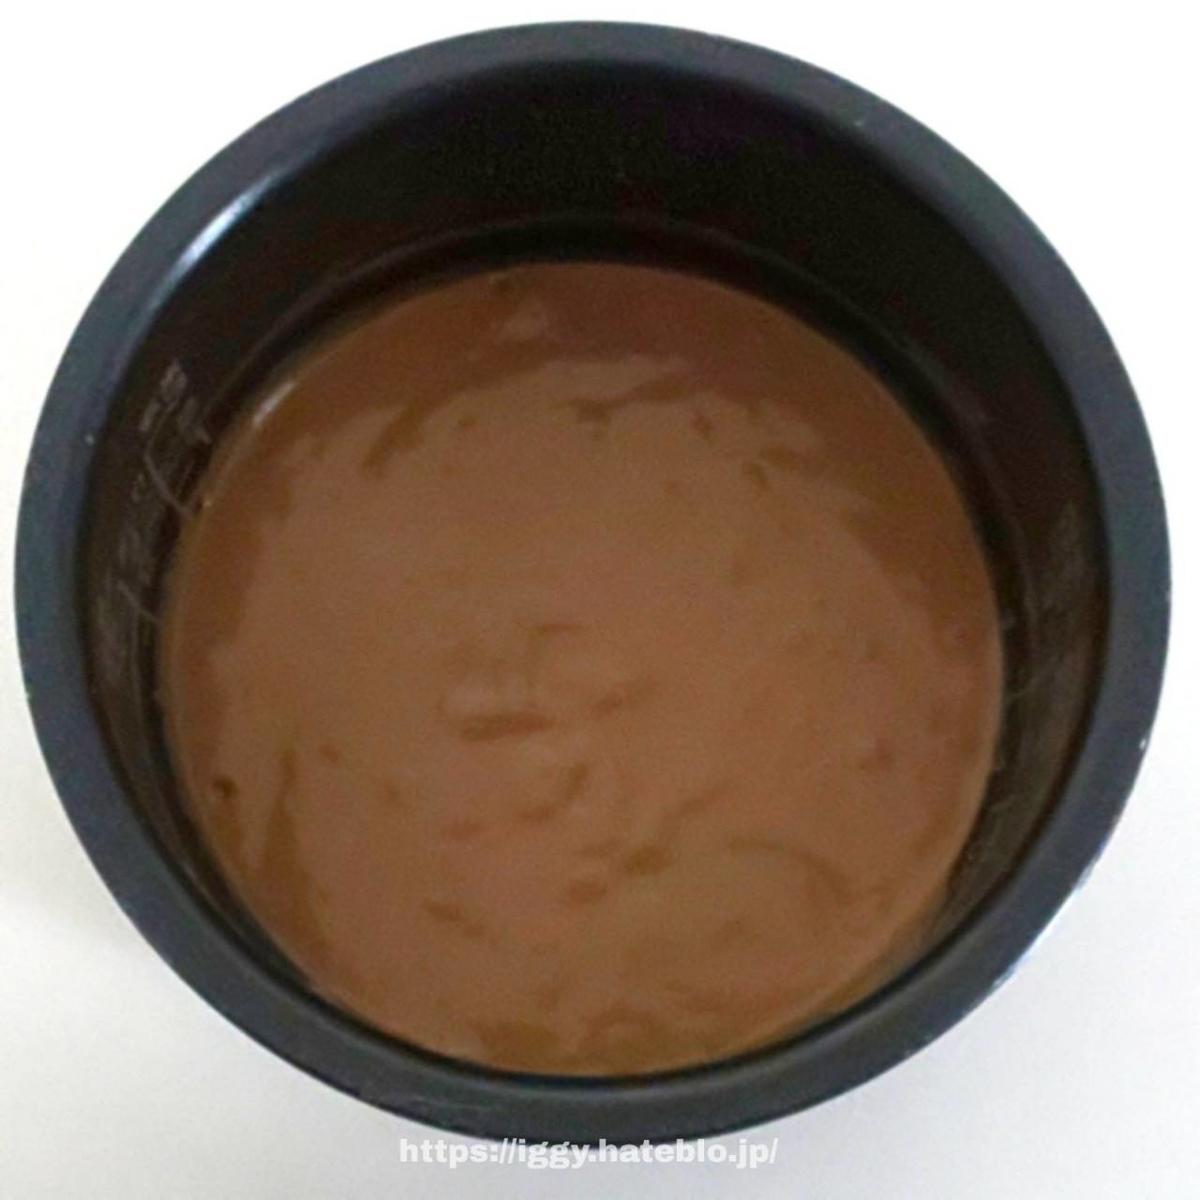 炊飯器 ホットケーキミックス おやつ コーヒー iggy2019